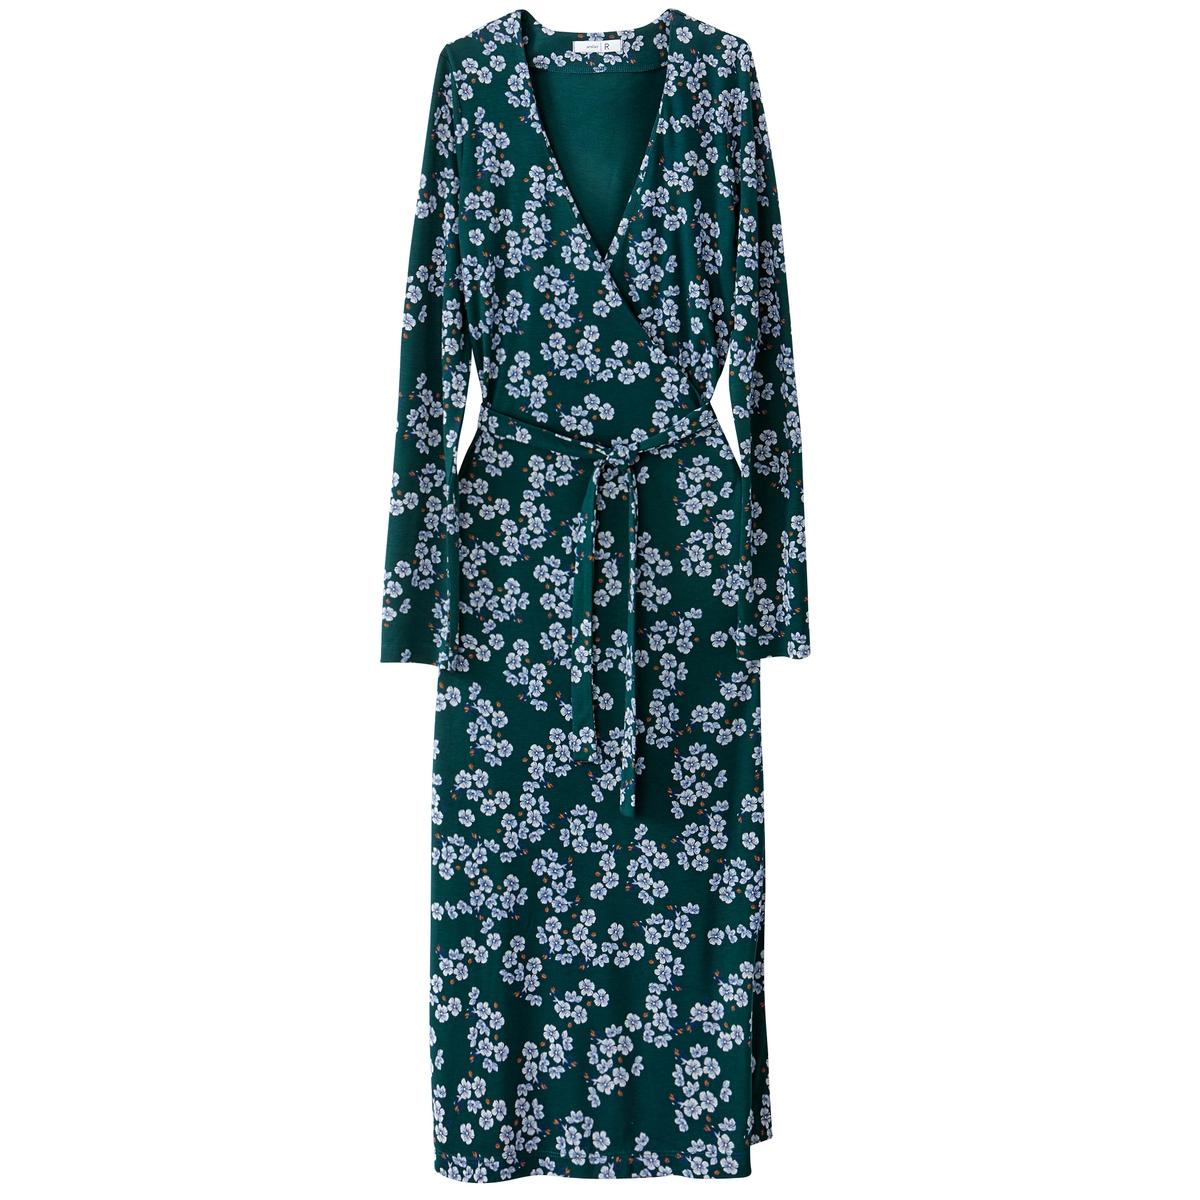 Платье длинное с запахом, рисунком и длинными рукавами